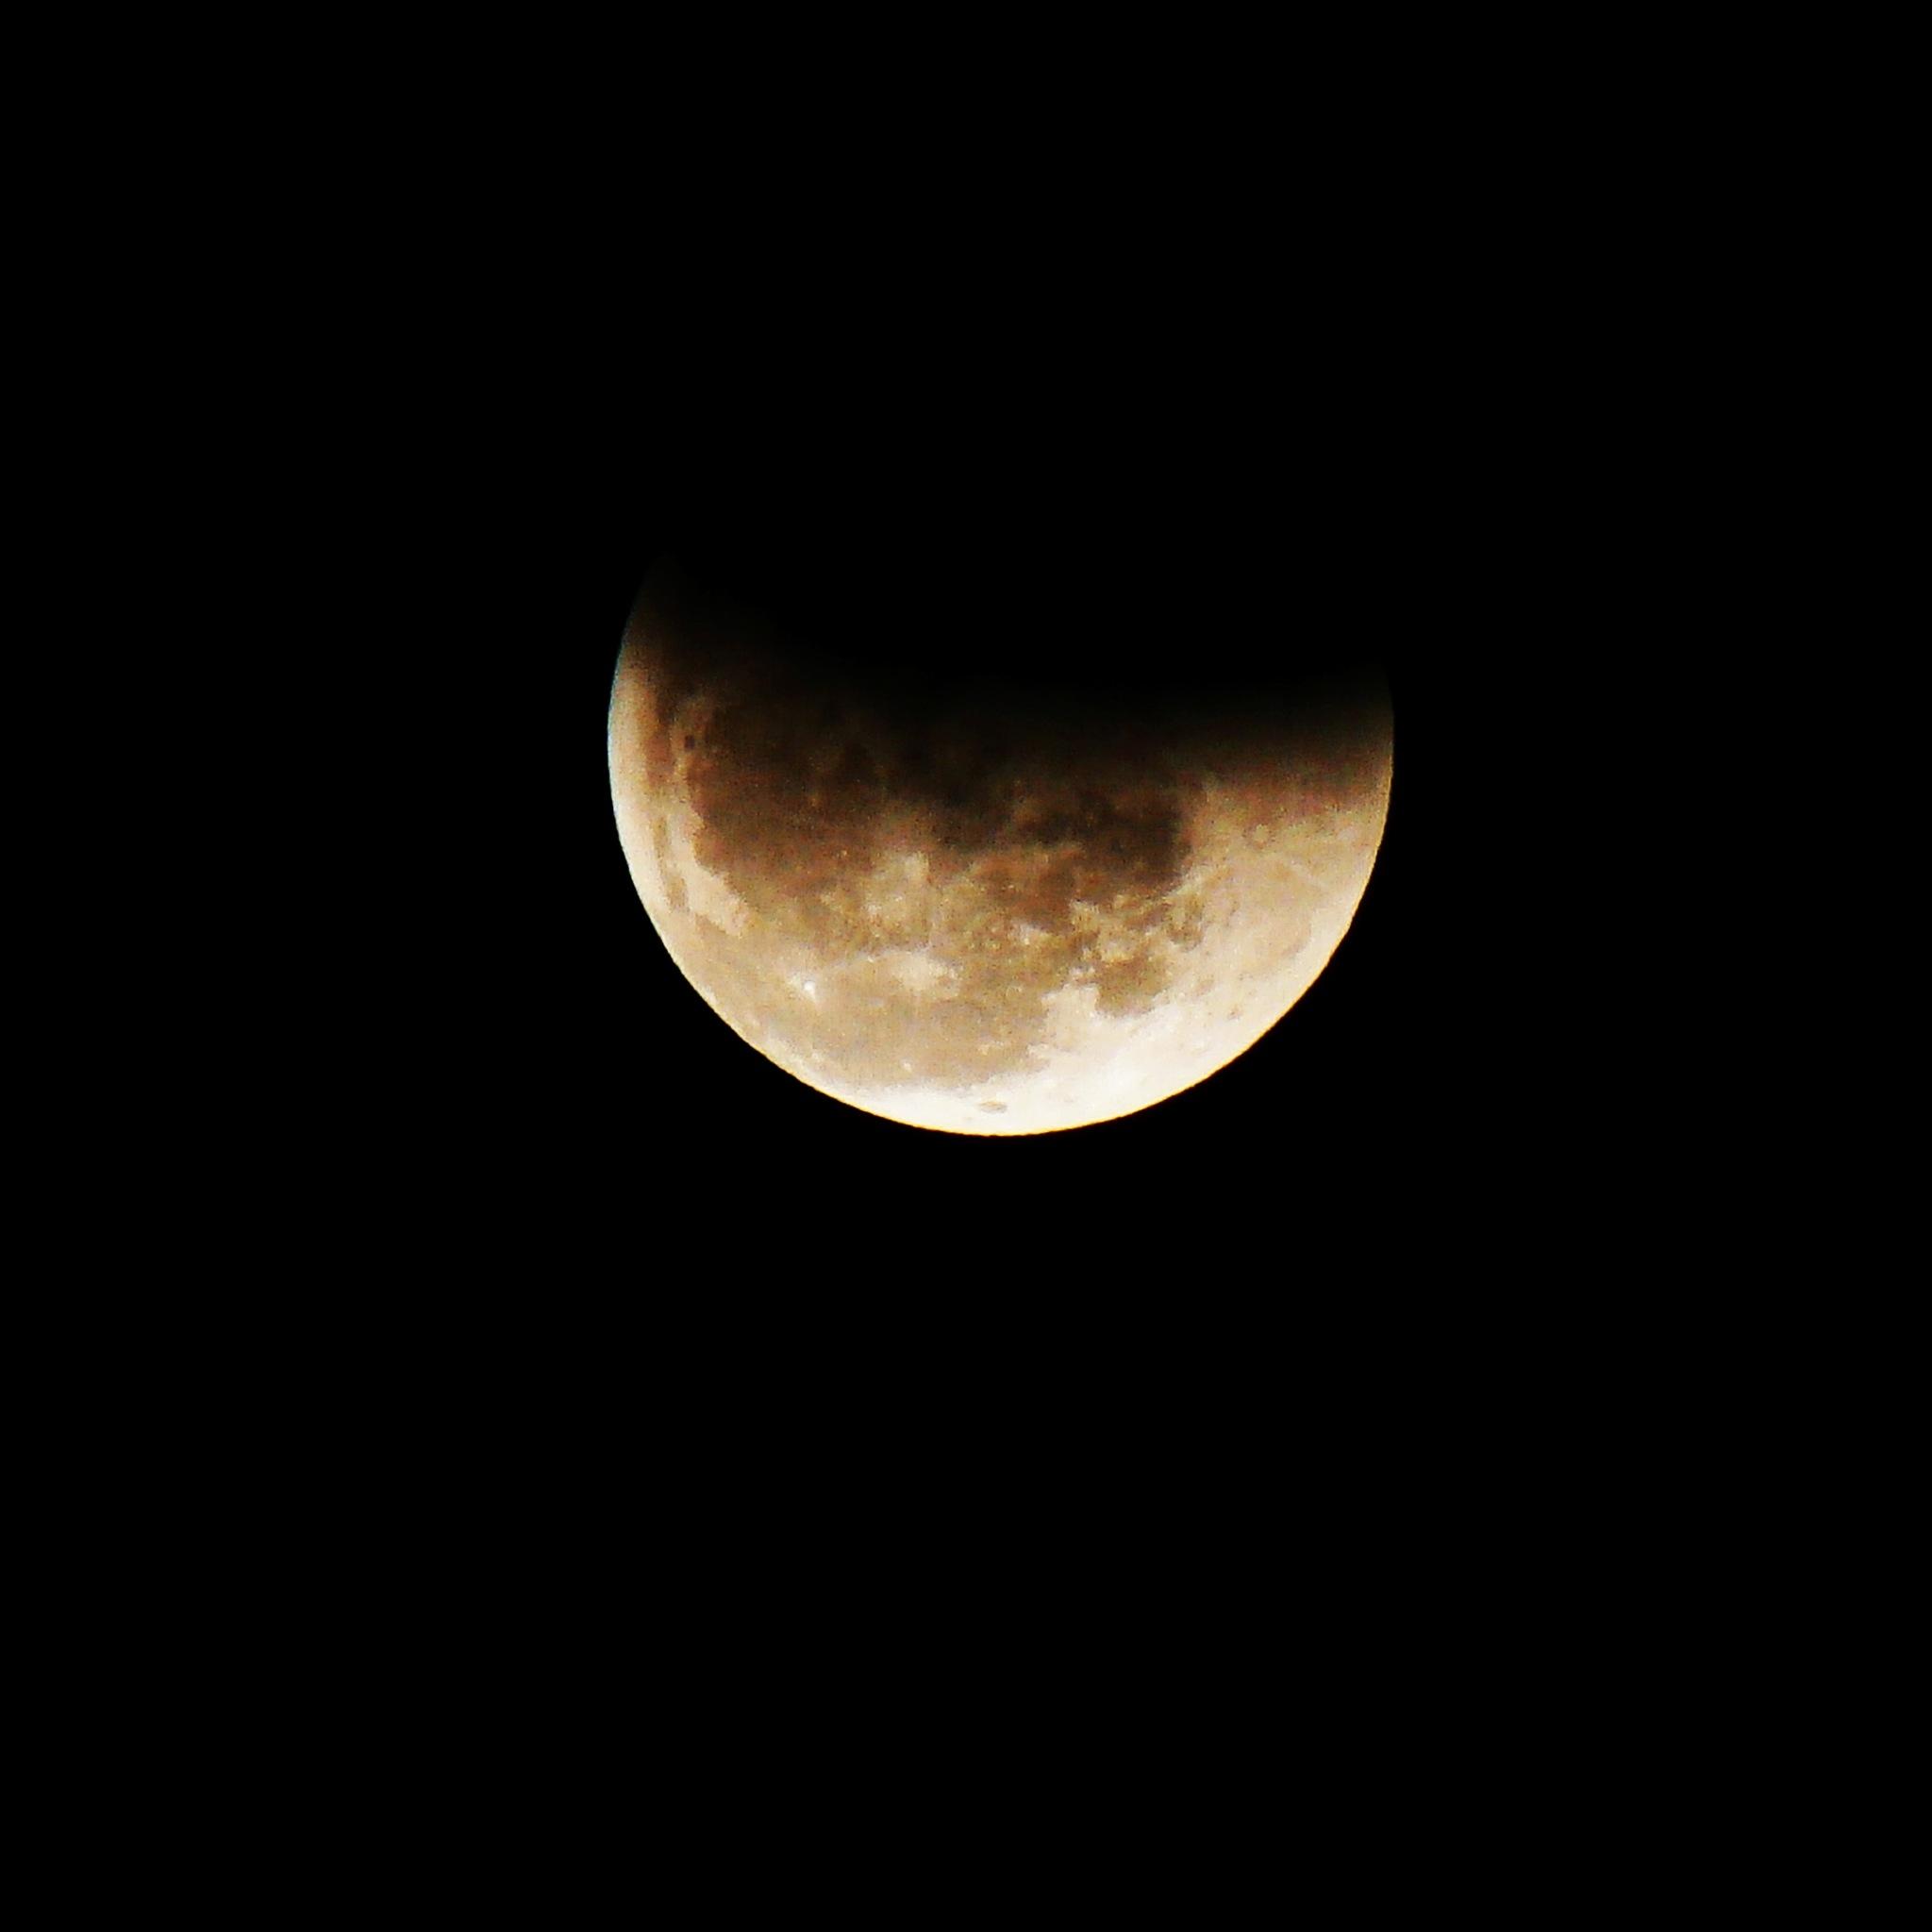 Eclipse lua de sangue by Diogo Rosas